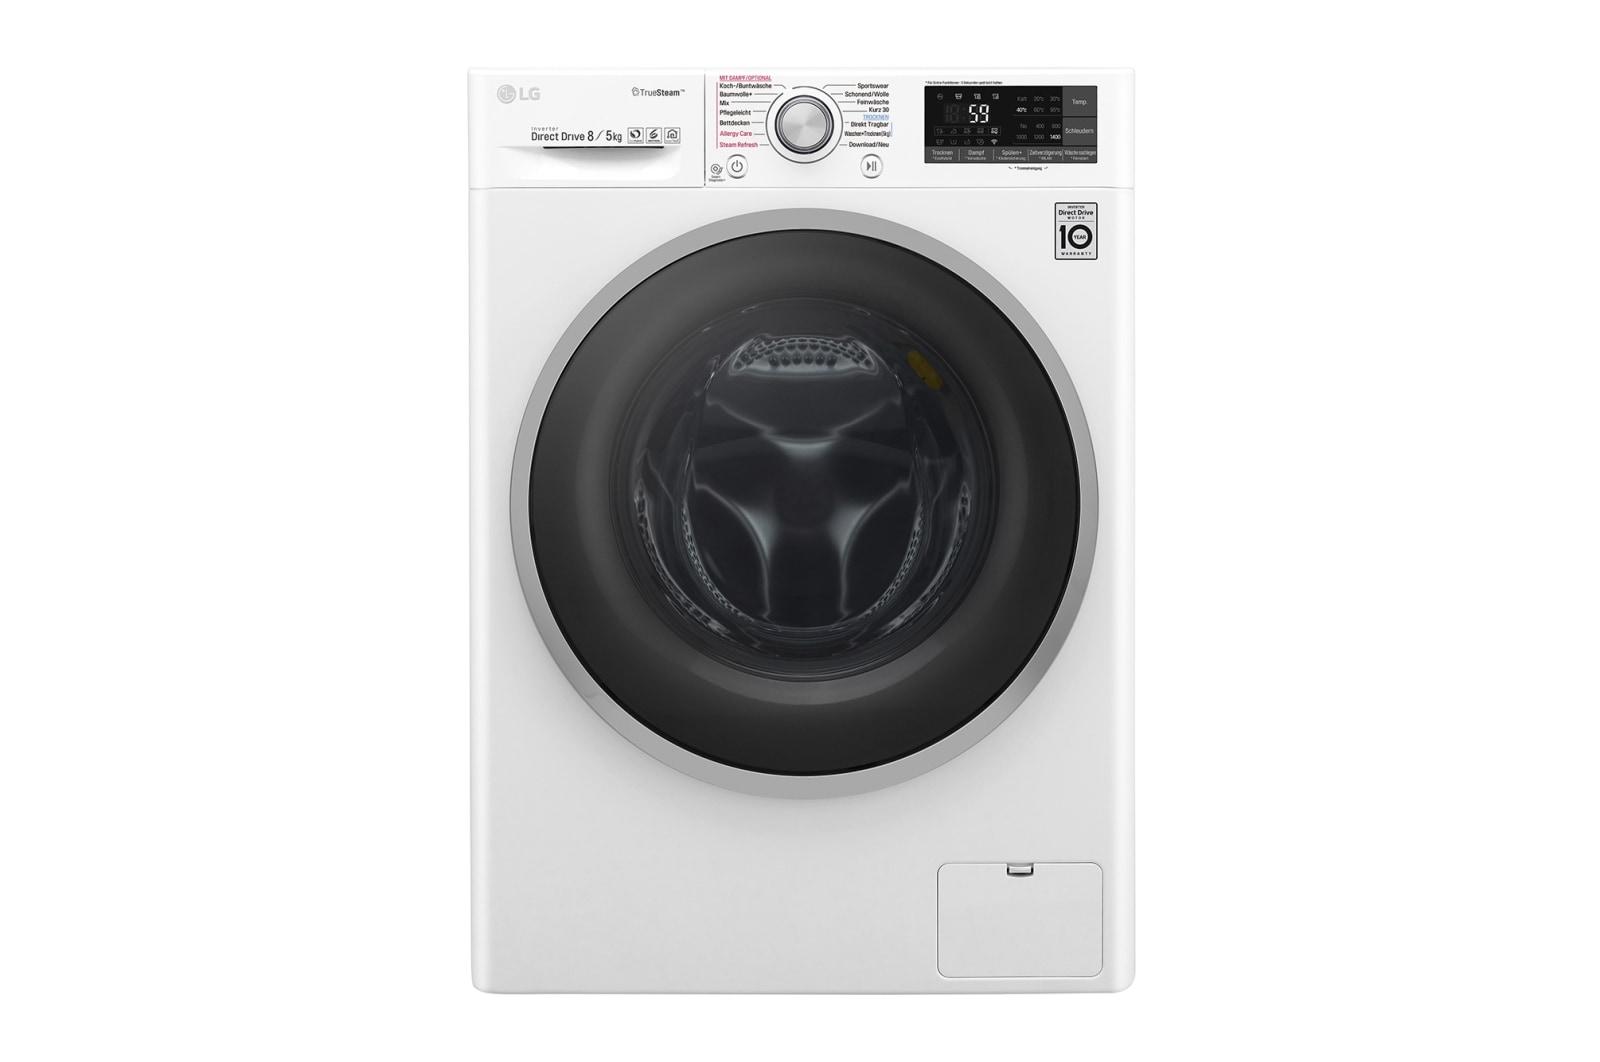 Lg waschtrockner kg waschen kg trocknen i truesteam™ premium